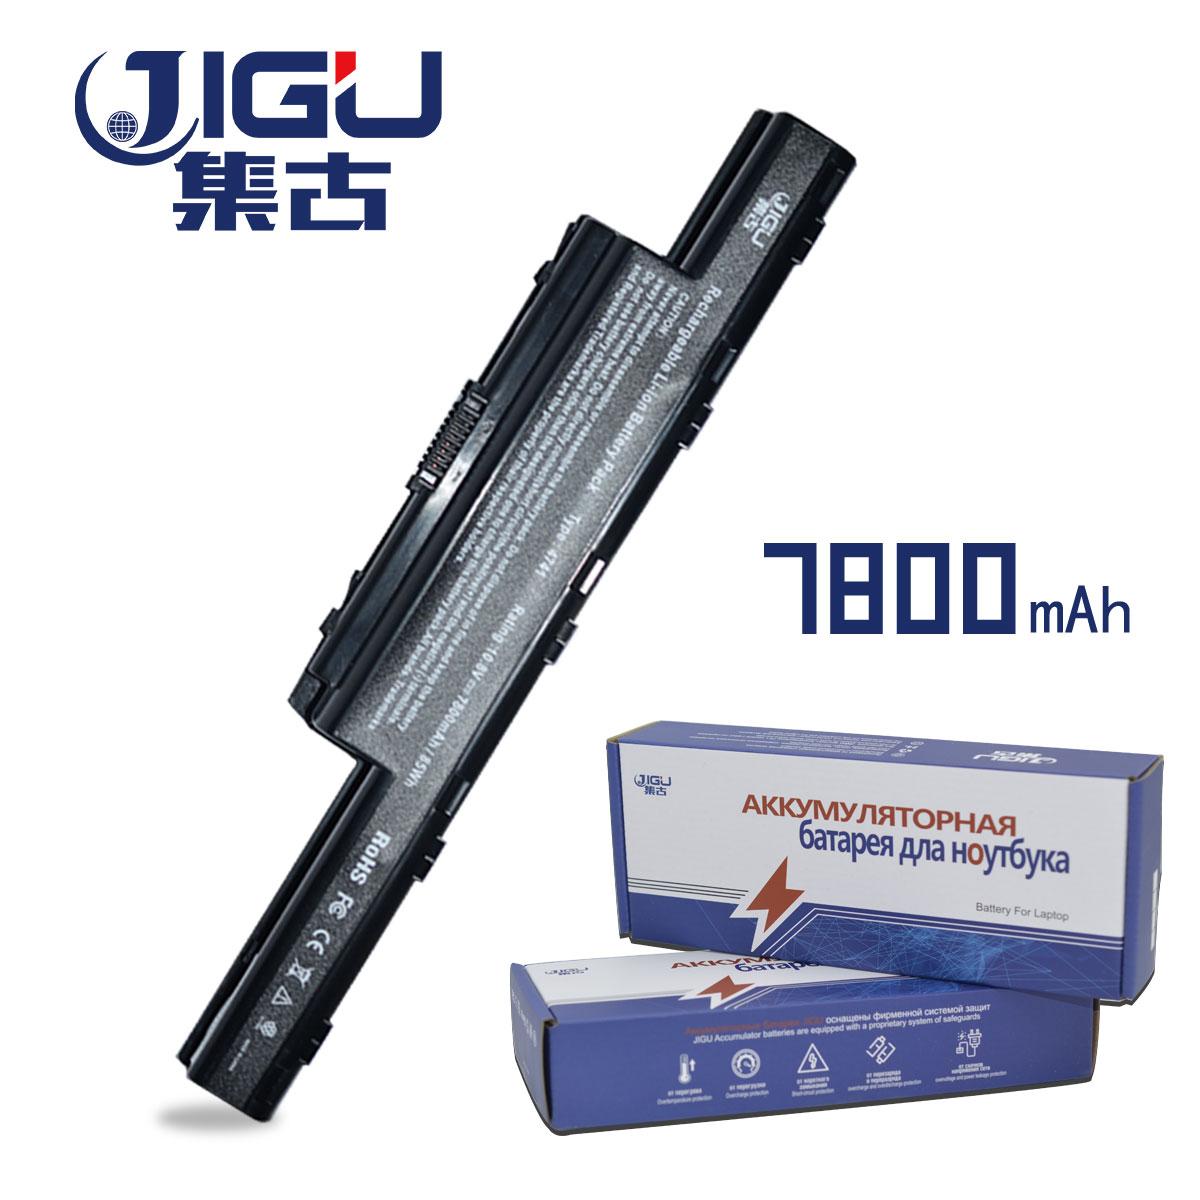 JIGU batería del ordenador portátil para Acer Aspire V3 V3-471 V3-551 G V3-571 V3-731 V3-771 para EMachines E732 para TravelMate 4370 de 4740 9 celdas